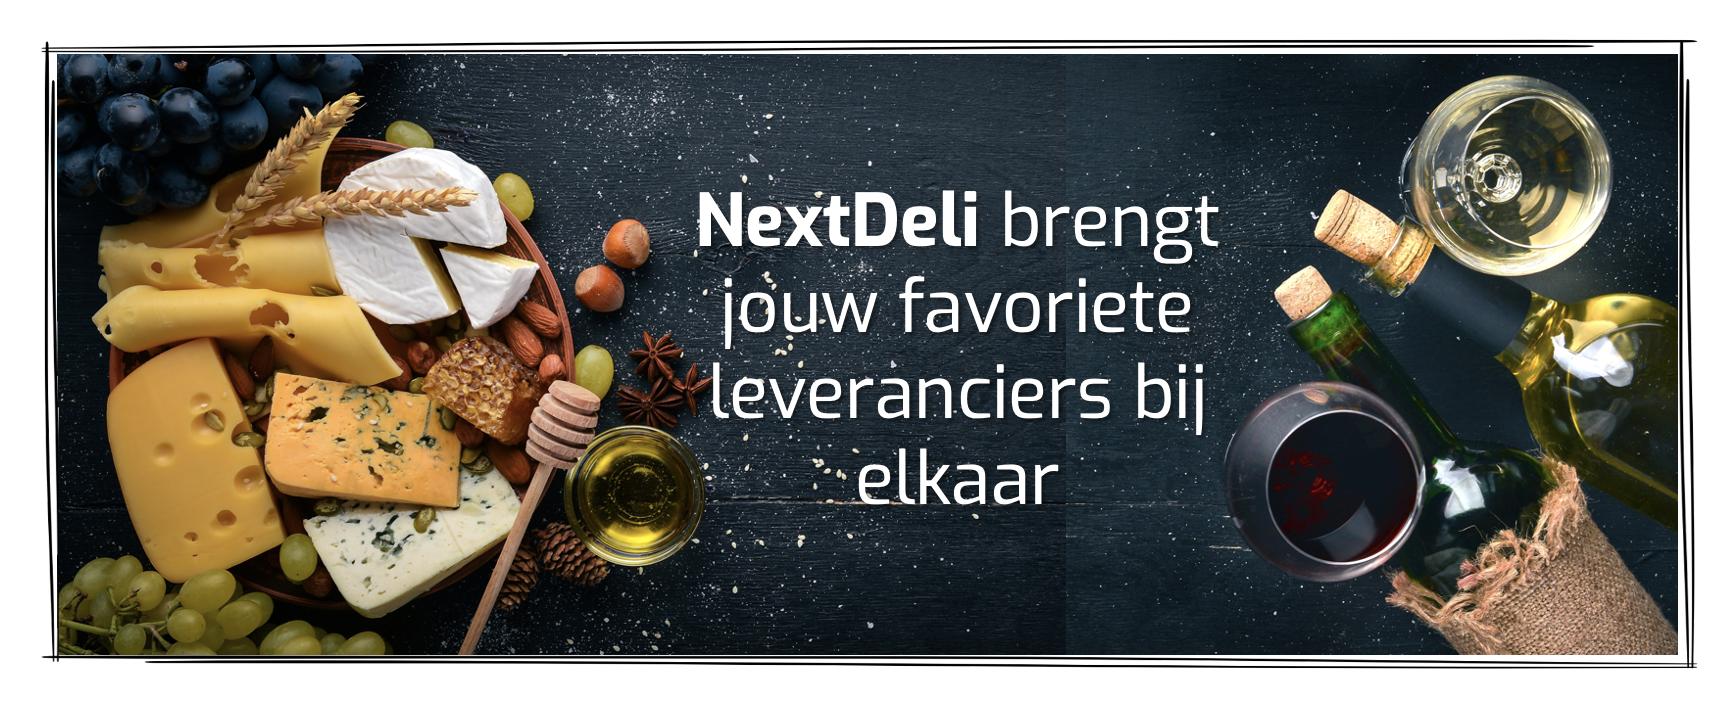 NextDeli opent haar Delicatessenwereld